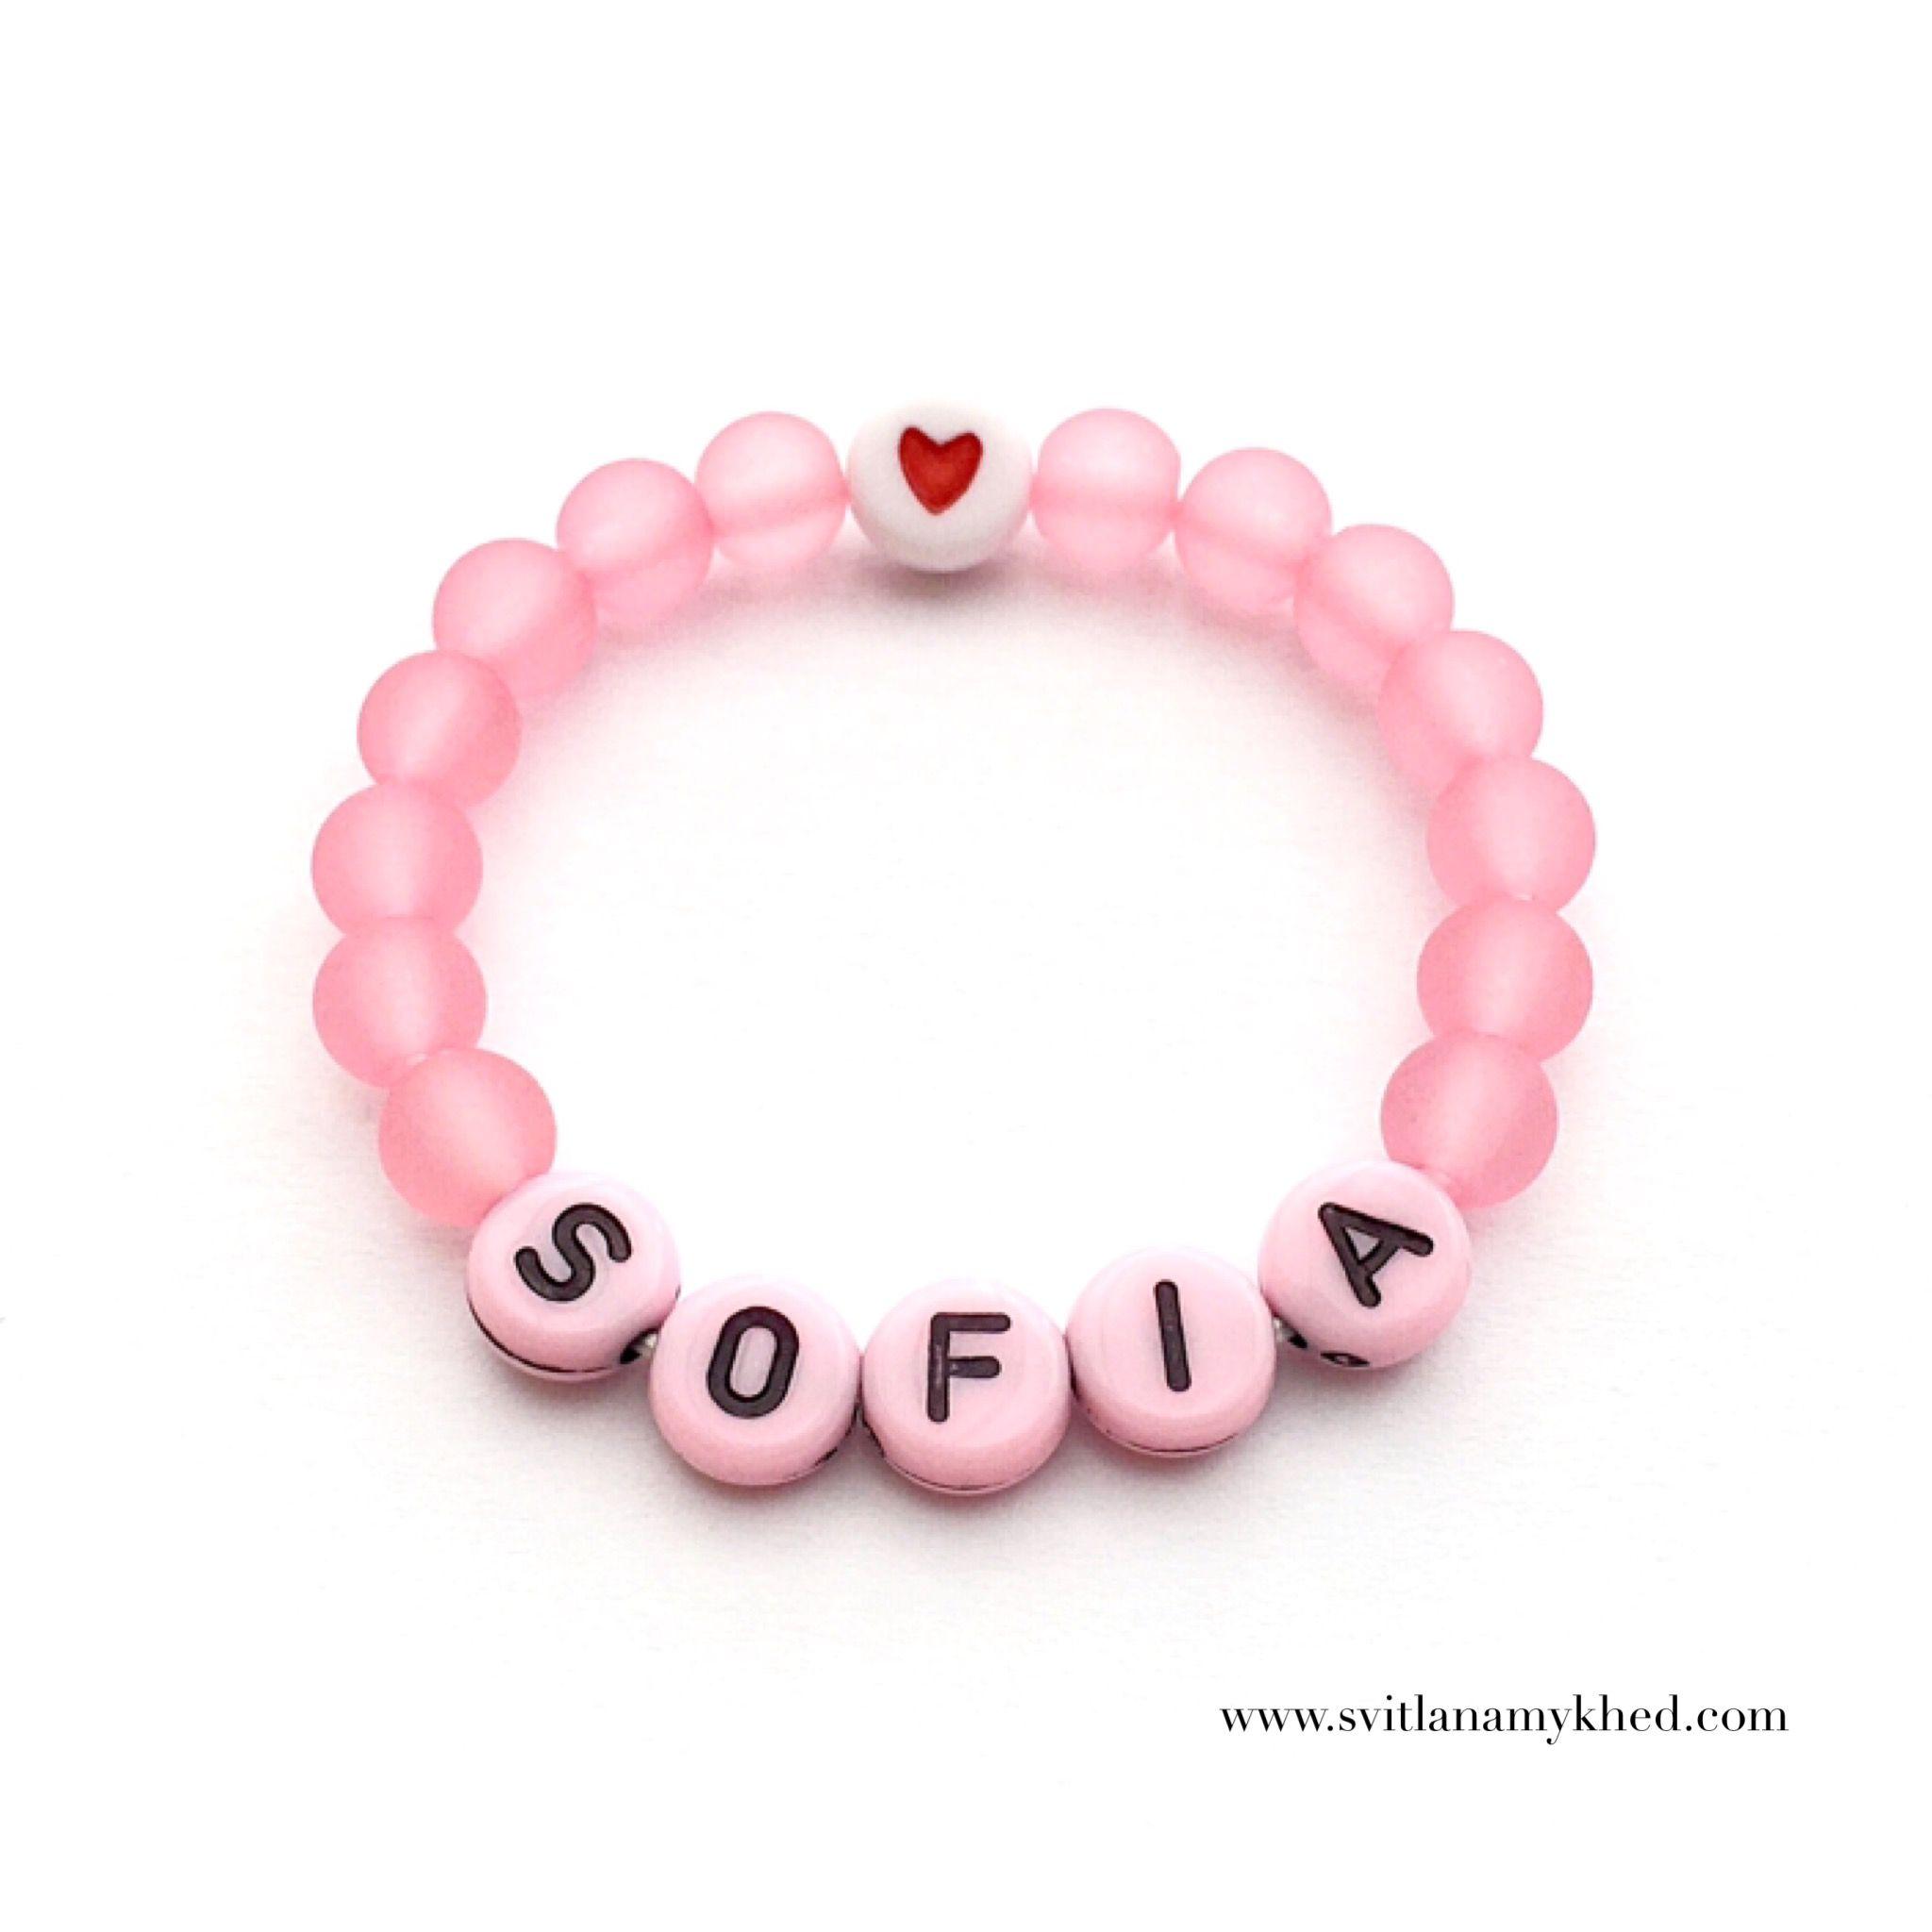 brillance des couleurs acheter pas cher emballage fort Bracelet prénom SOFIA   Bracelet avec prénom, nom, message ...